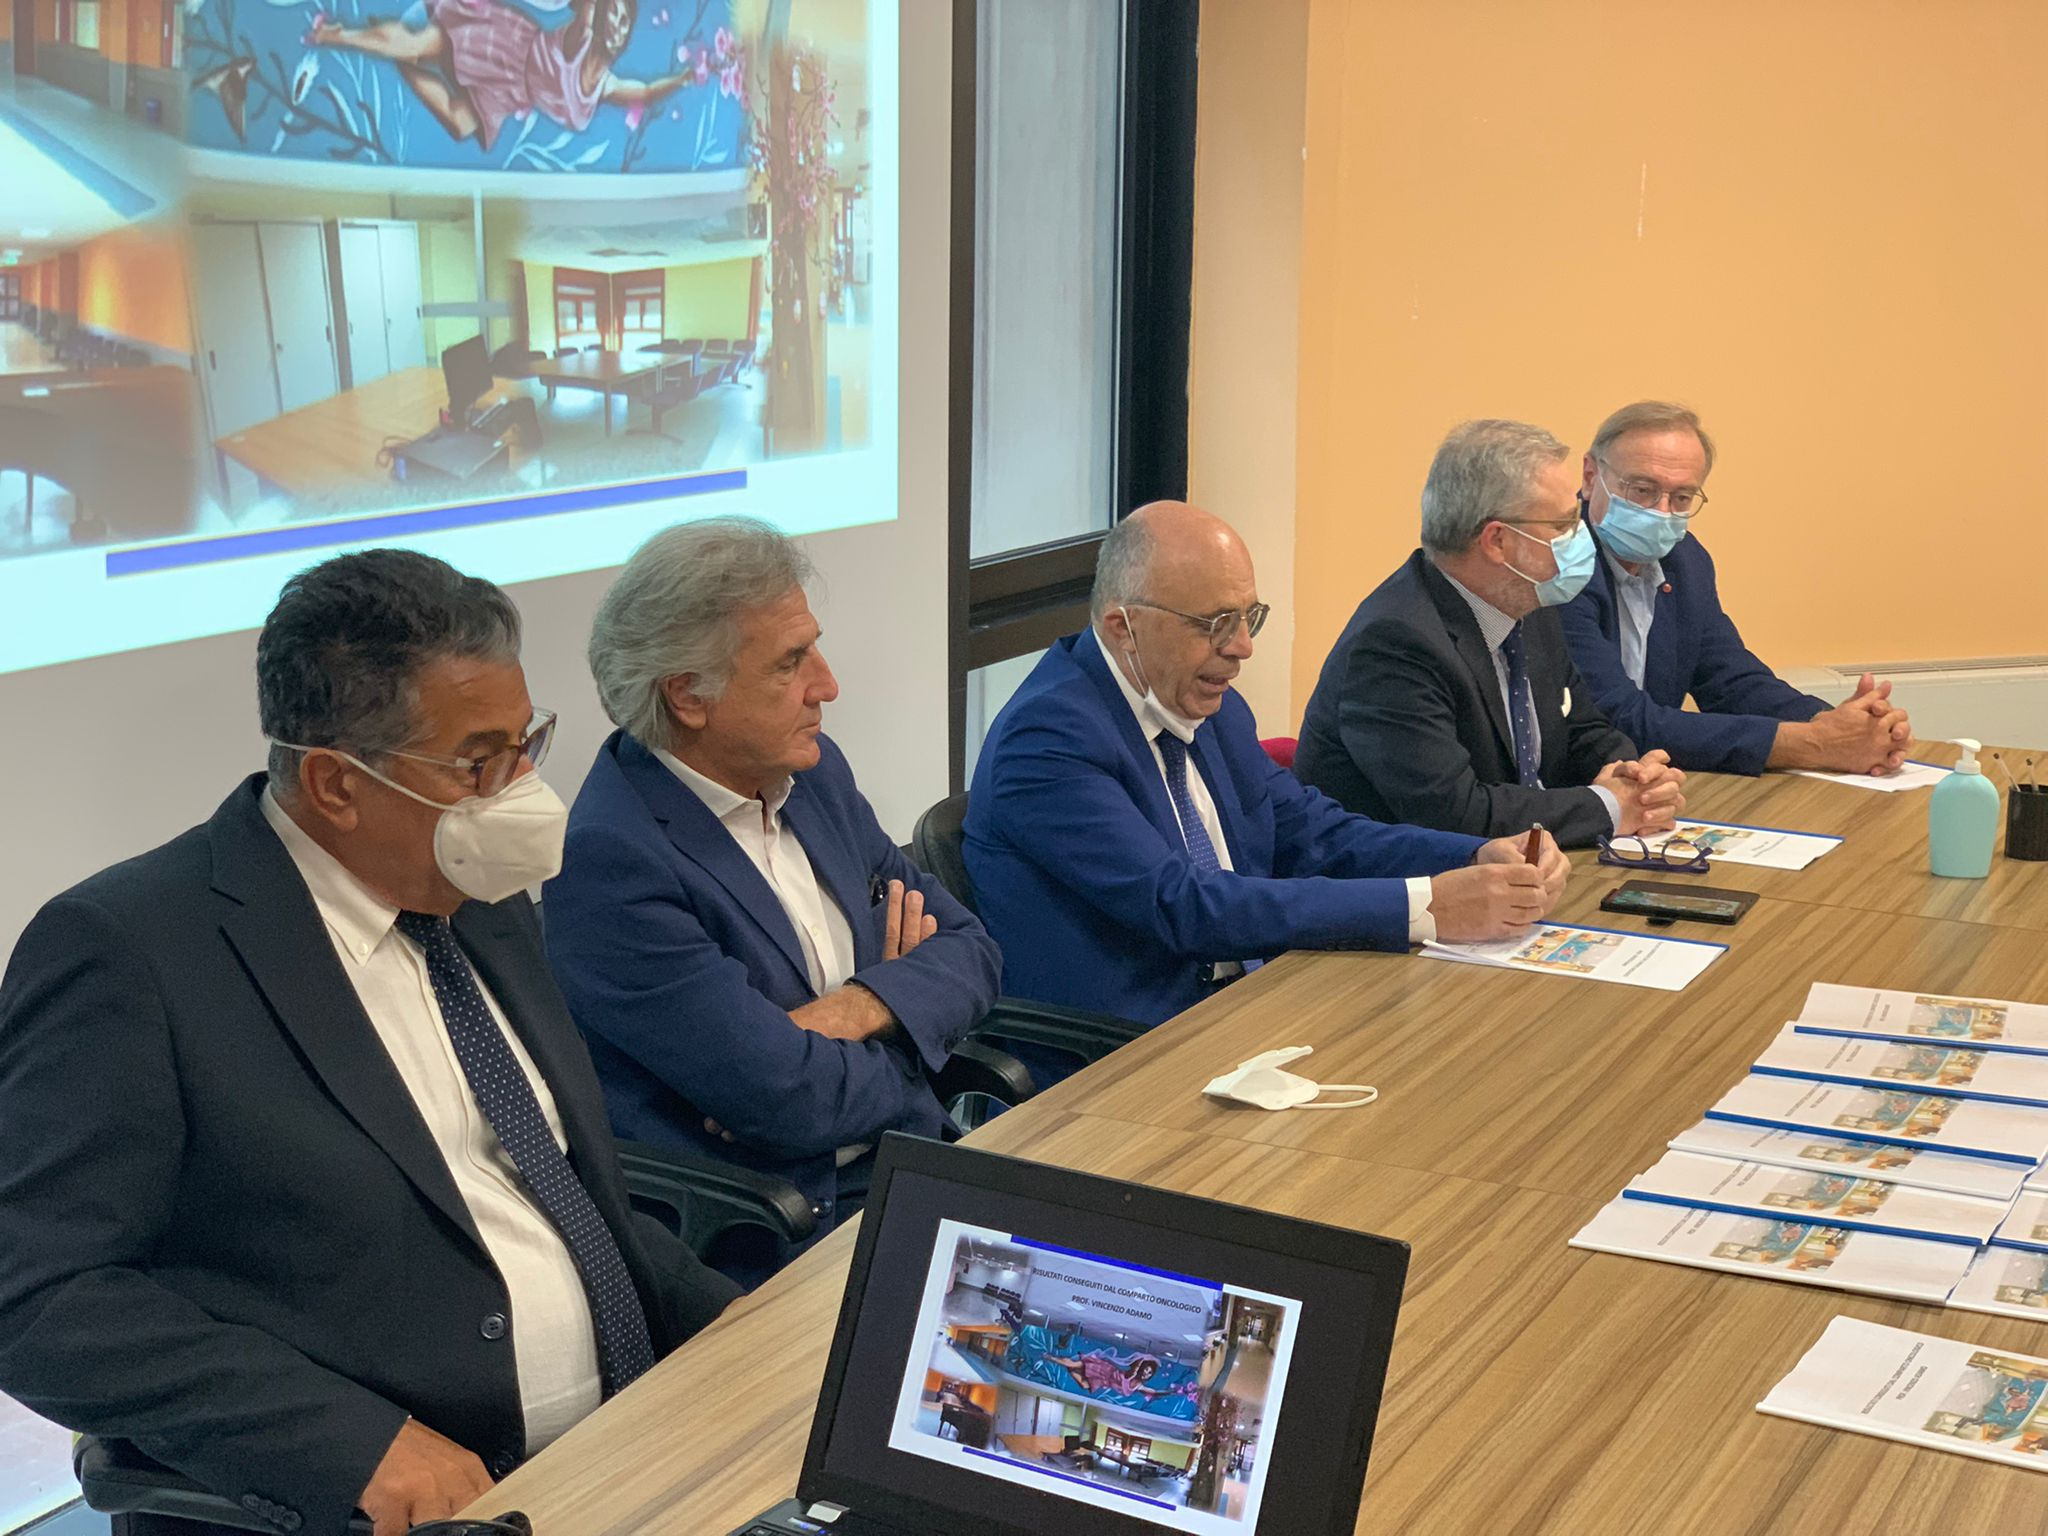 Conferenza stampa del comparto oncologico: i risultati sotto la guida del Prof. Adamo